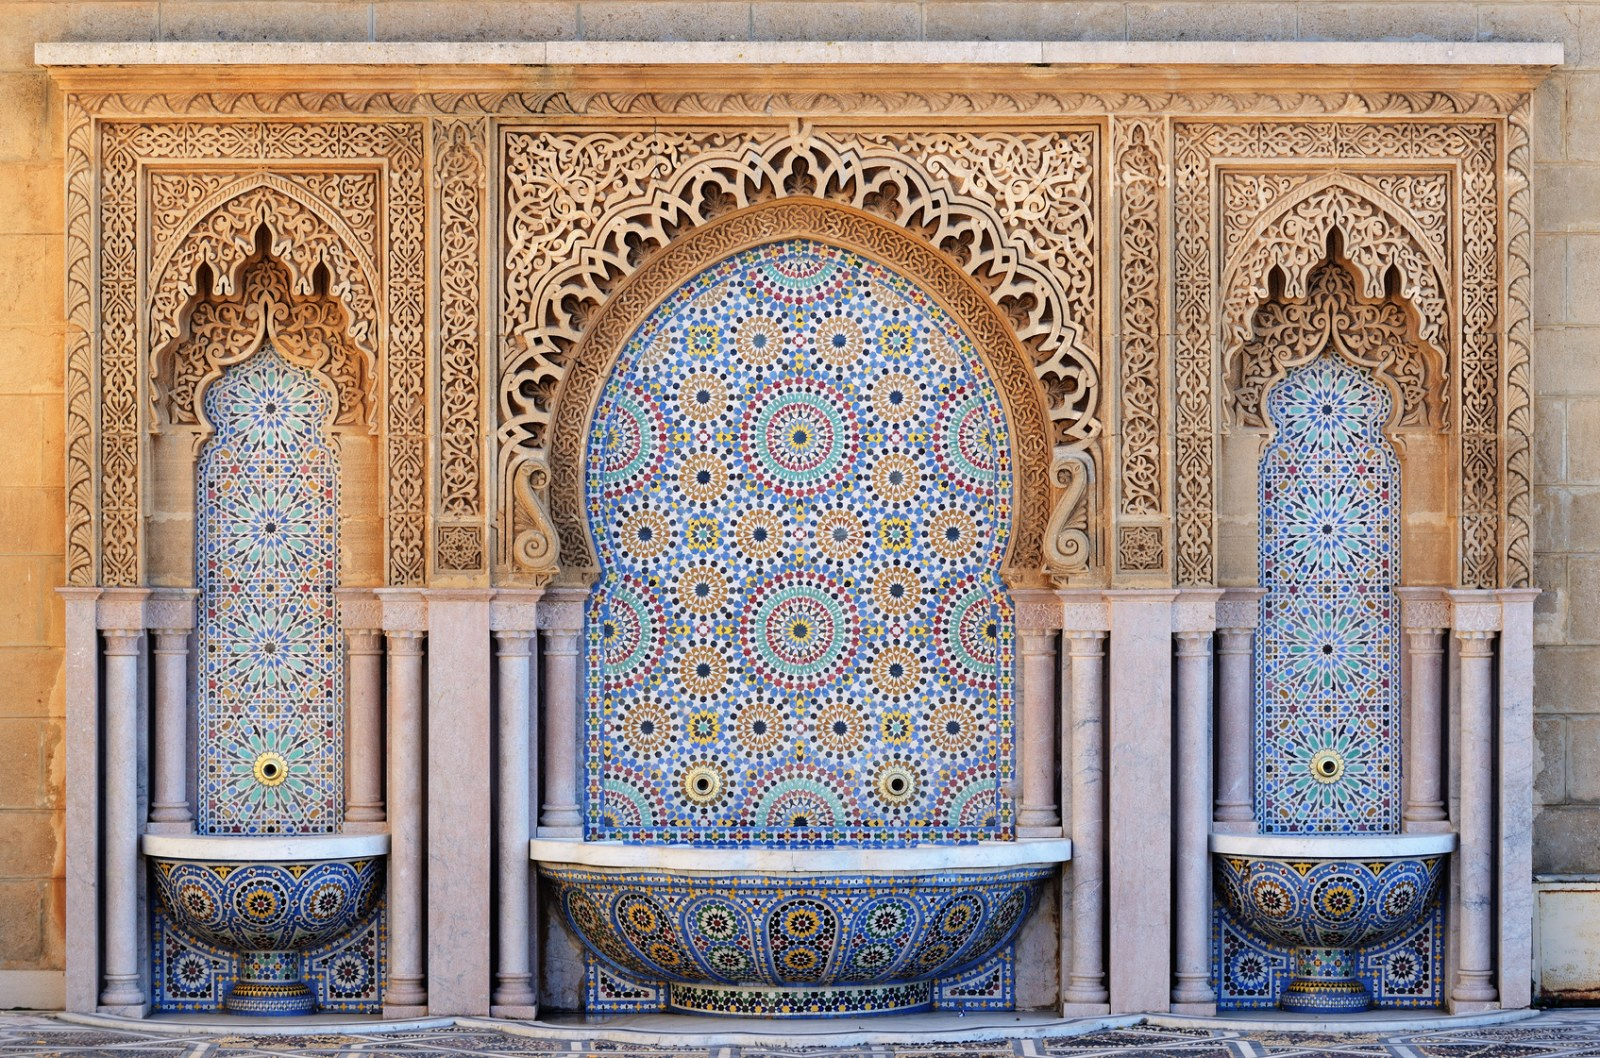 Casablanca, Morocco, Africa, Pixabay.com